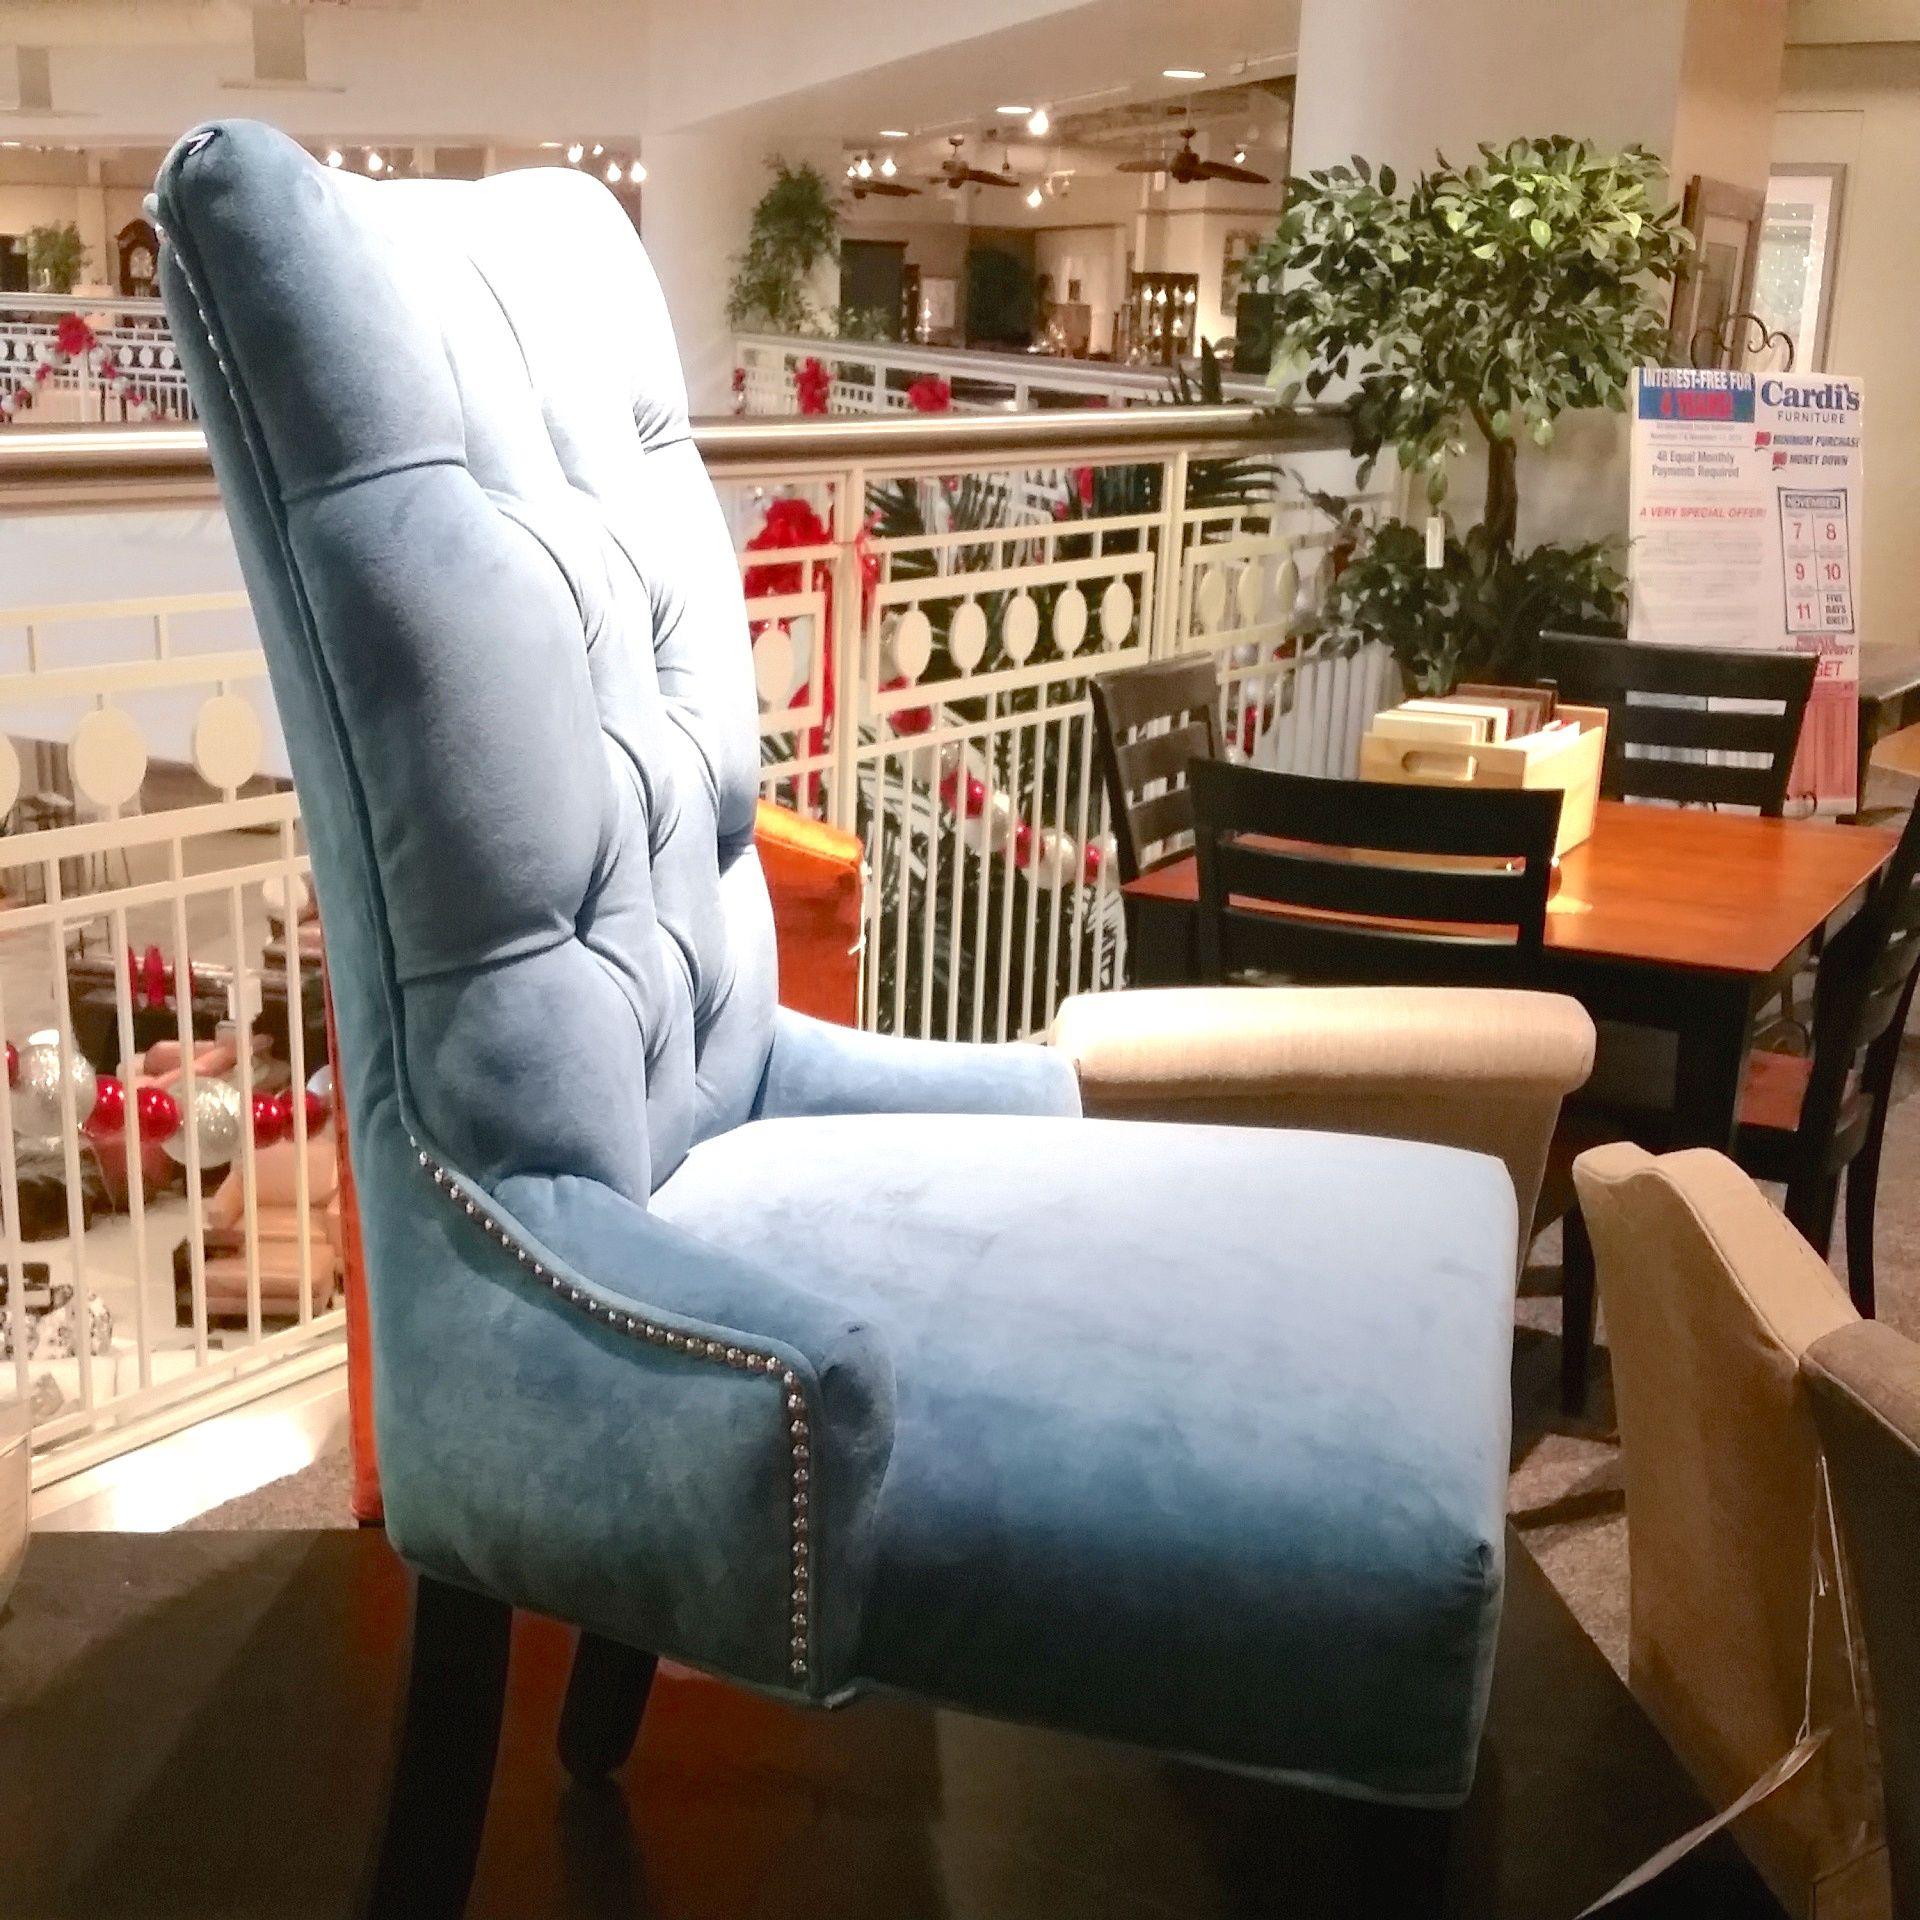 Ordinaire Cardiu0027s Furniture U0026 Mattresses